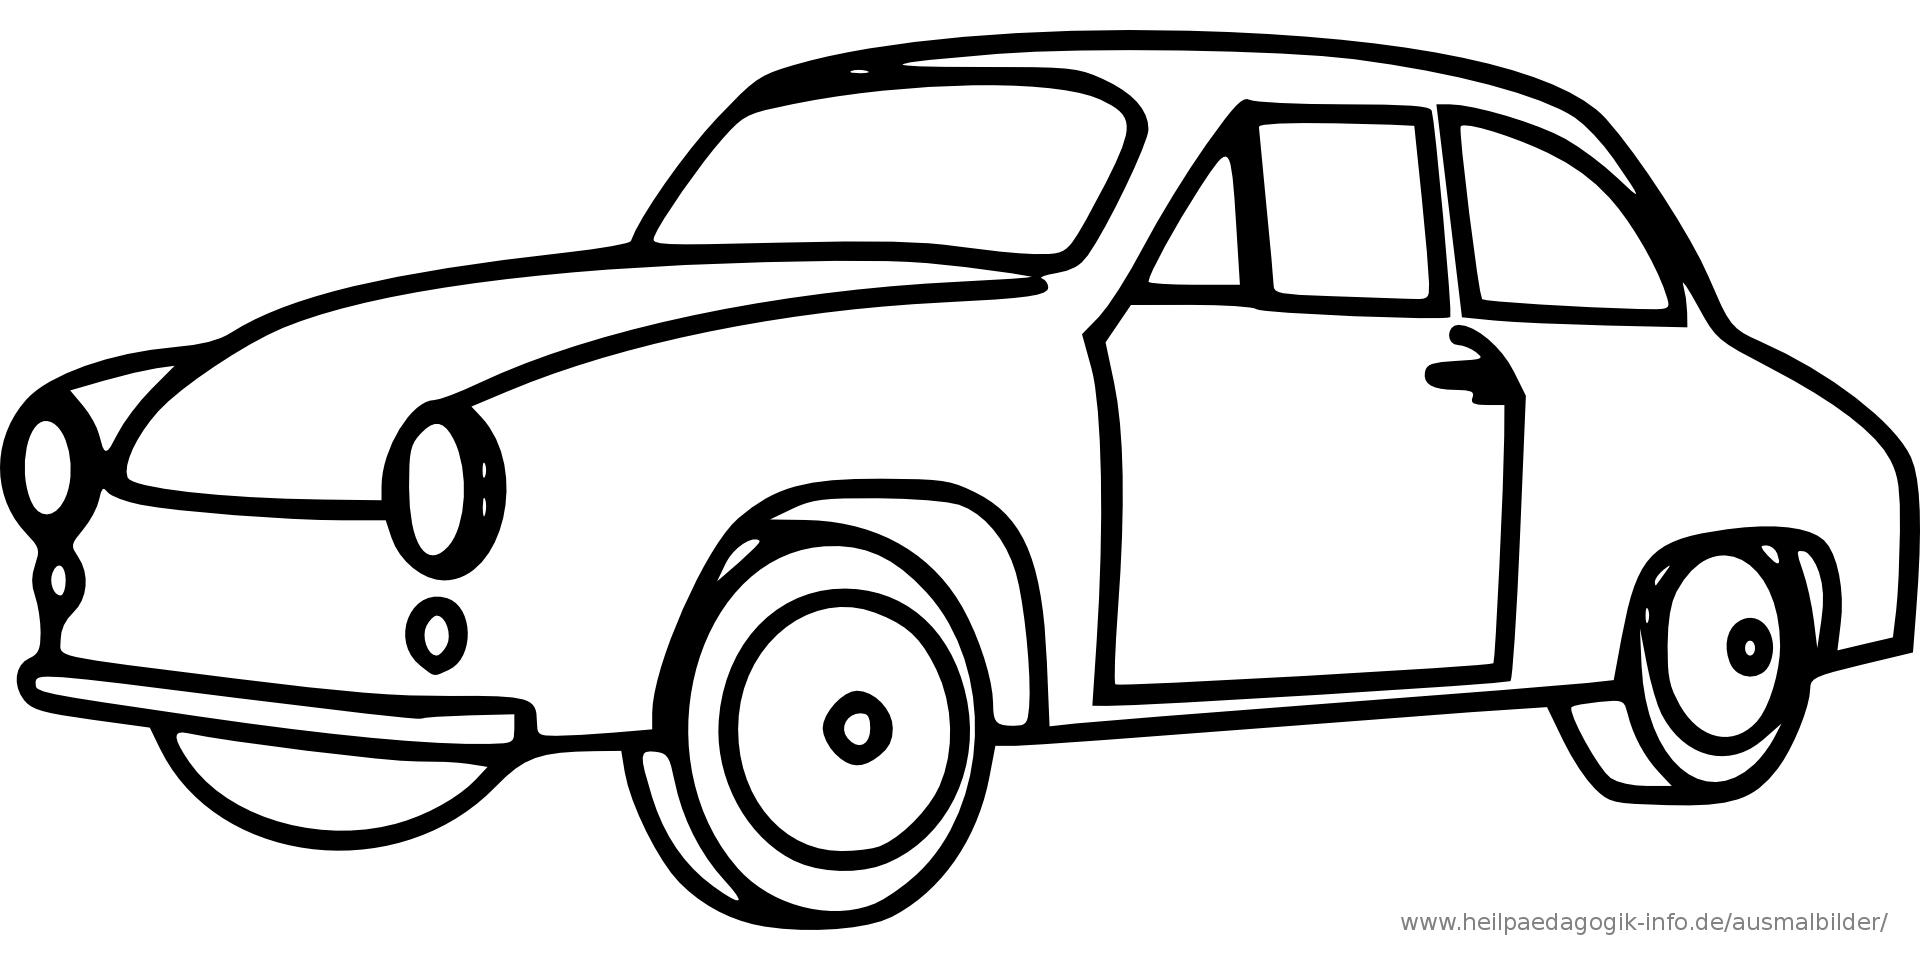 Malvorlage Auto Einfach Ausmalbilder Fur Kinder Malvorlage